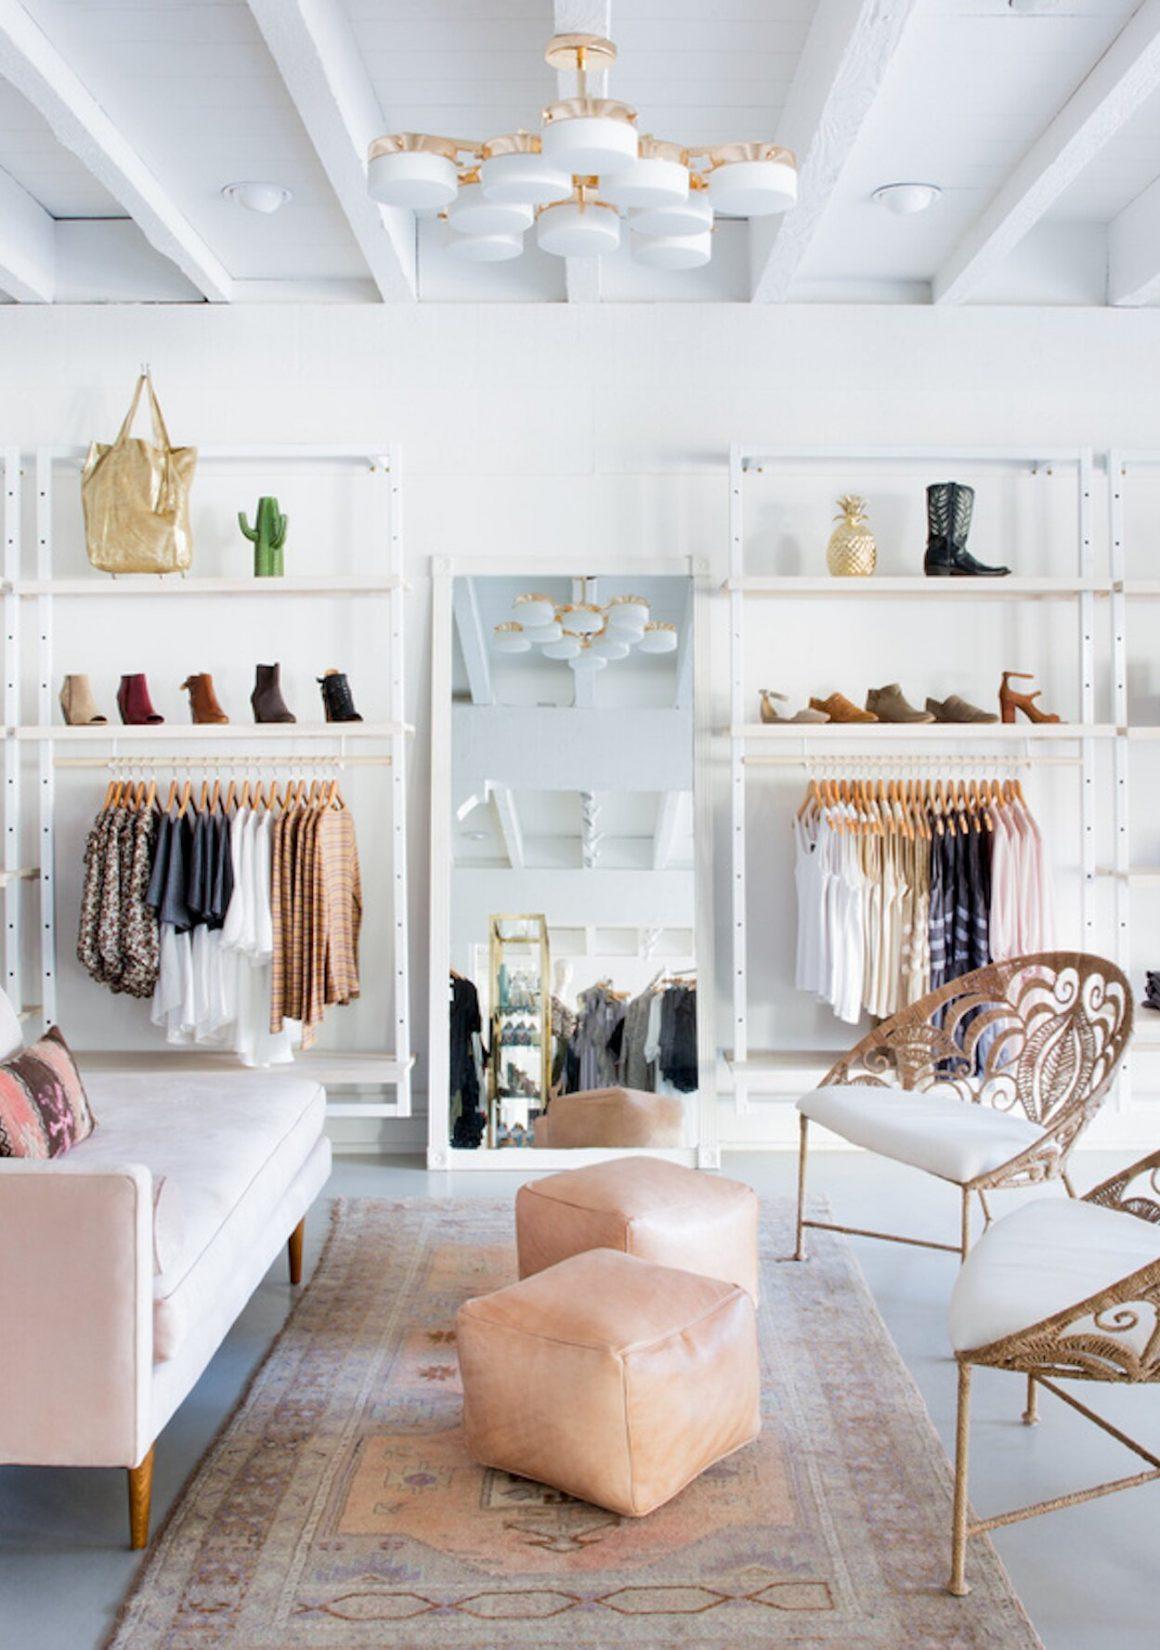 coin salon contemporain avec canapé rose et fauteuils en acier doré dans un magasin de vêtements